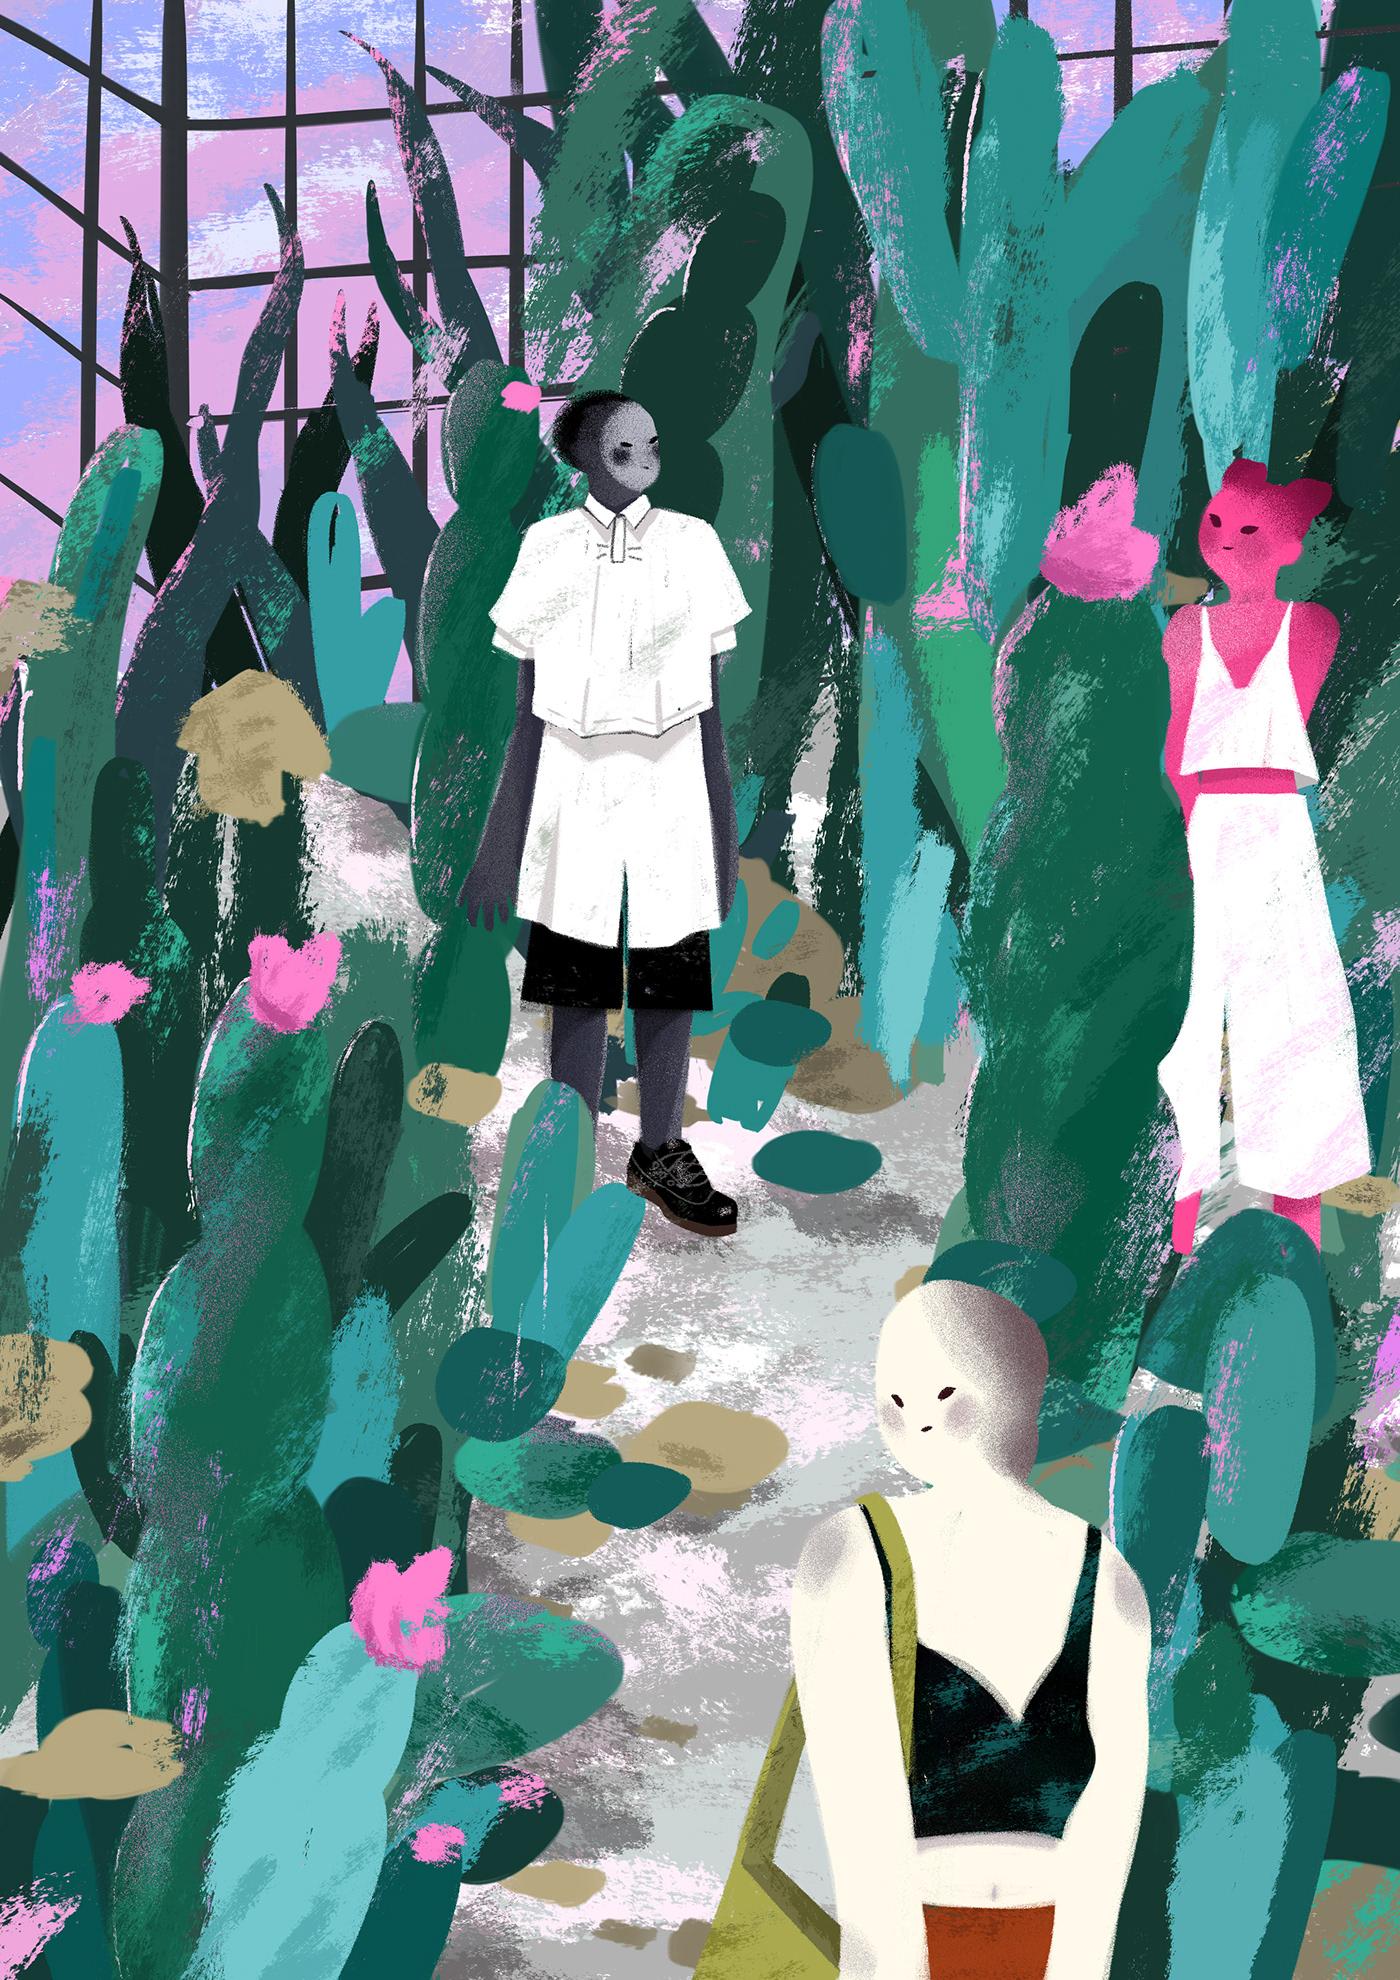 Botanical Garden Lifestyle Illustration On Behance